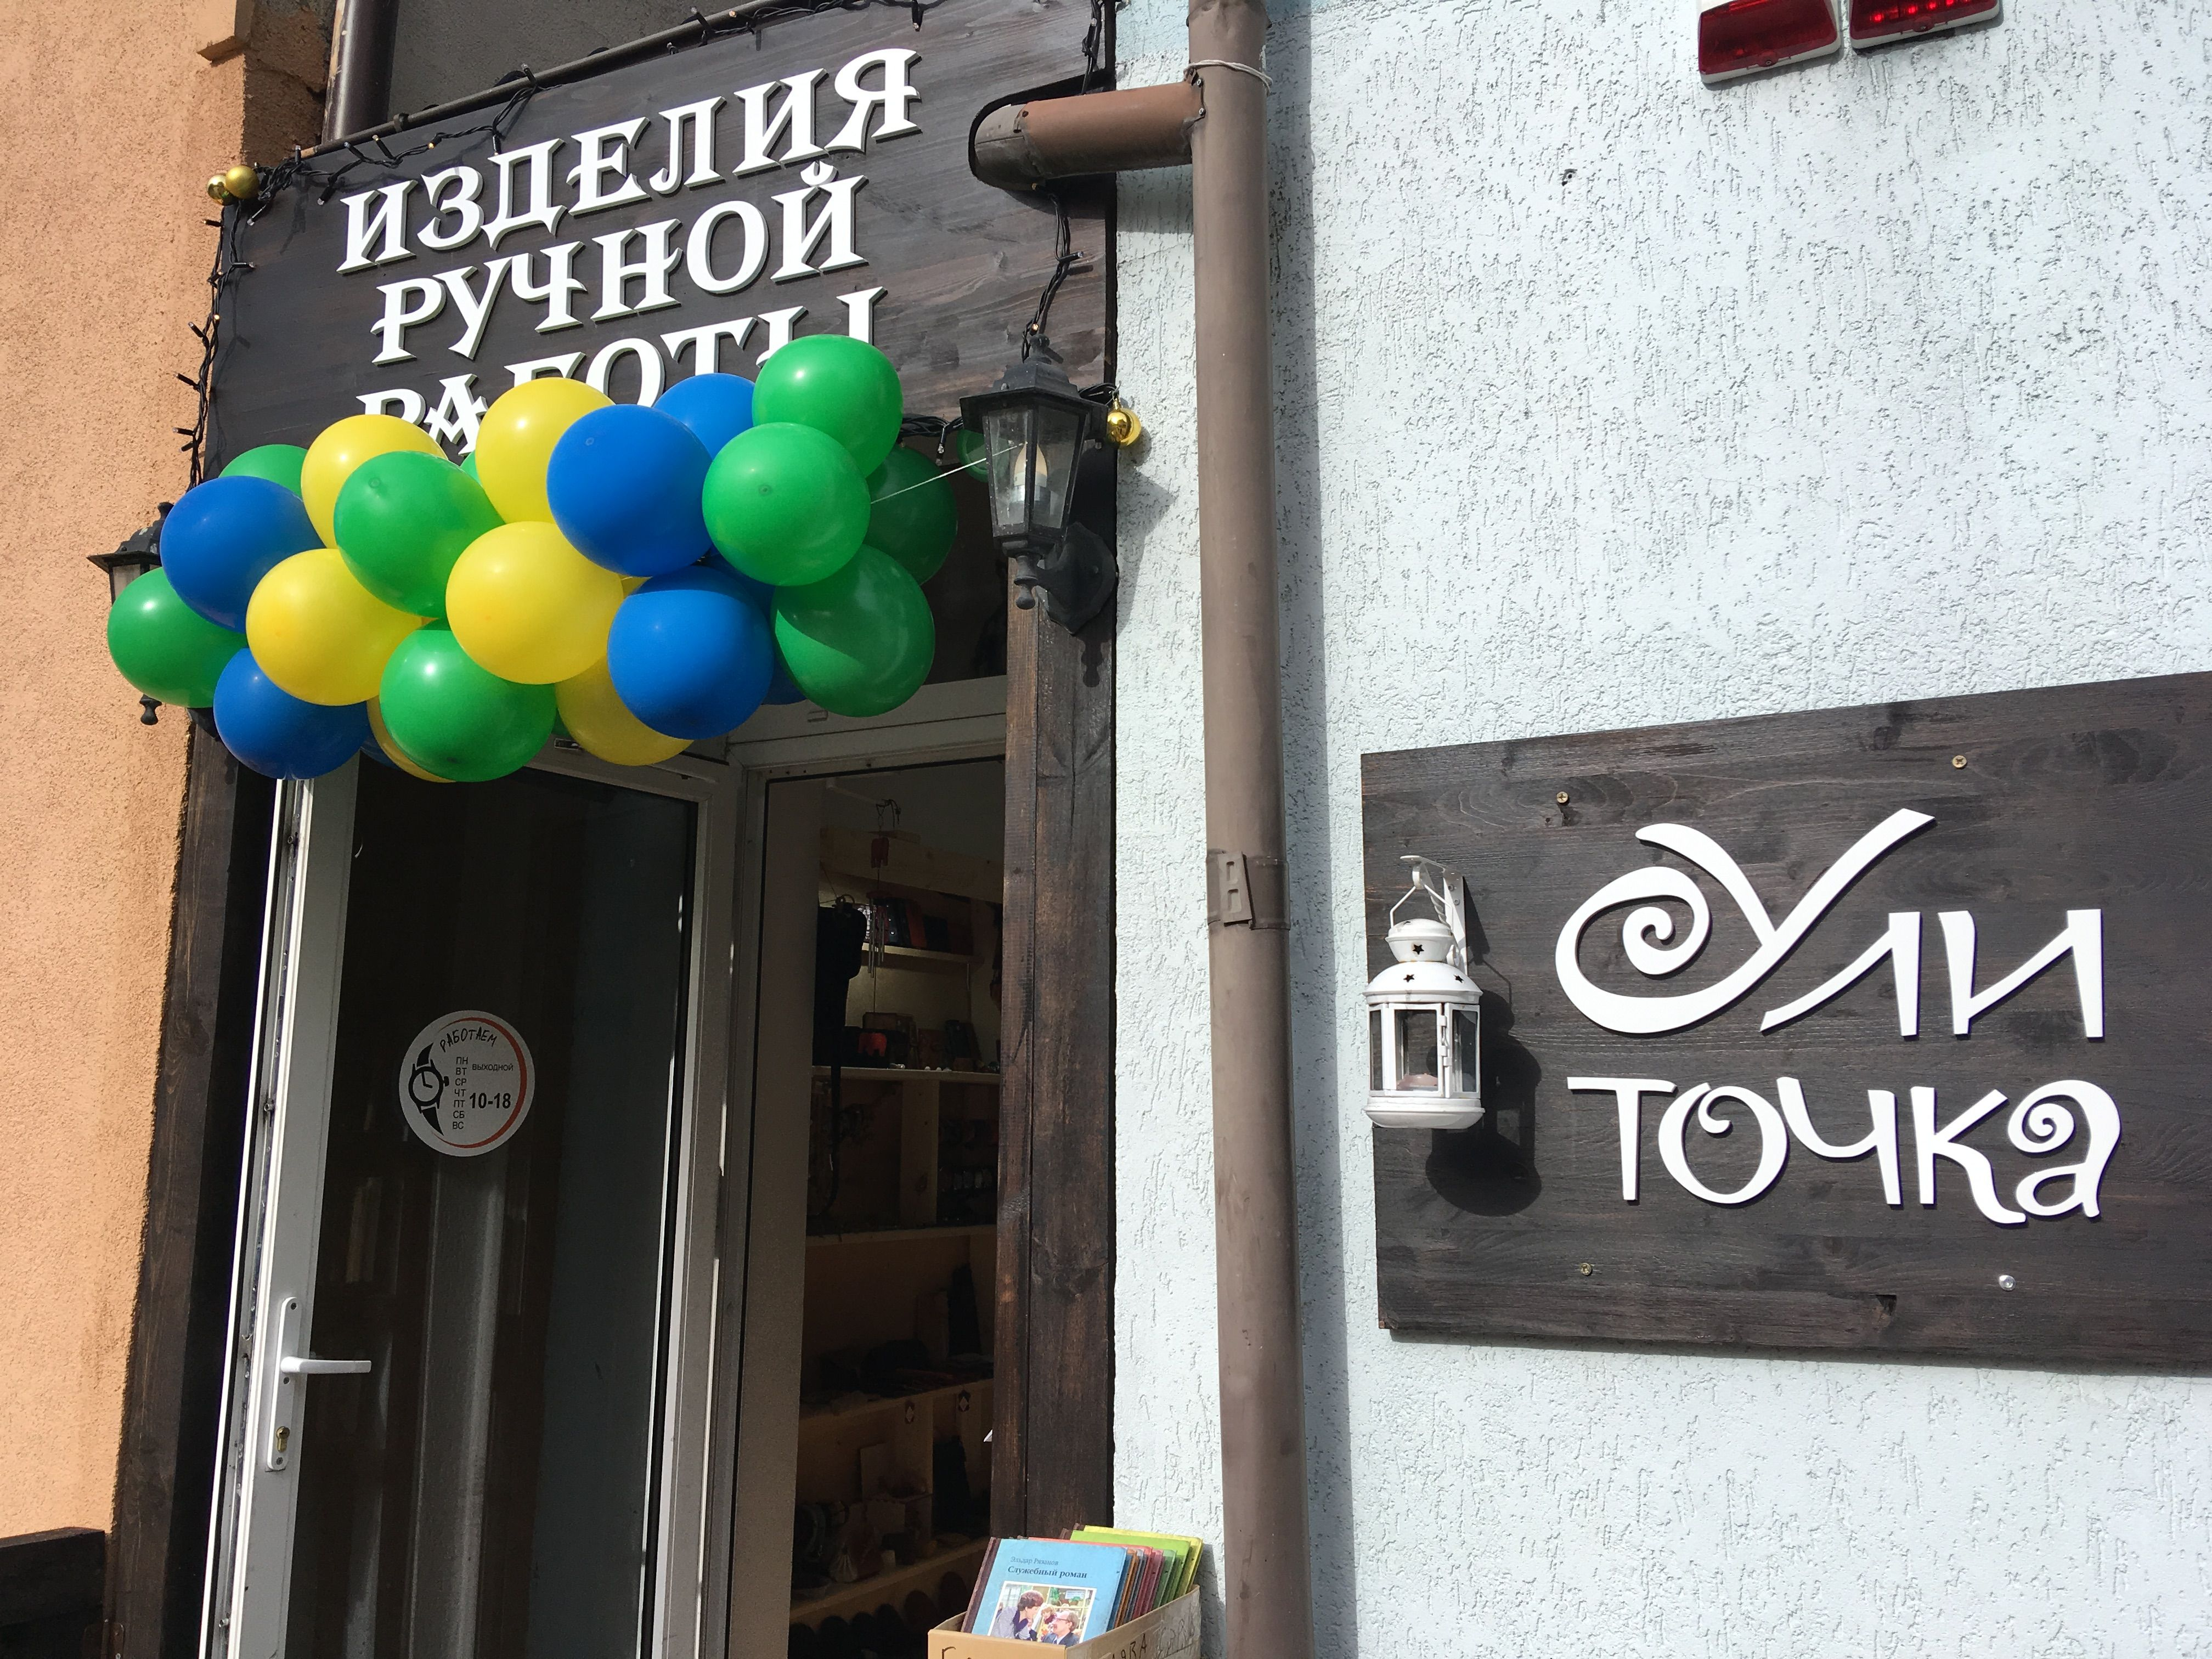 Вход в Улиточку в Зеленоградске с Курортного проспекта